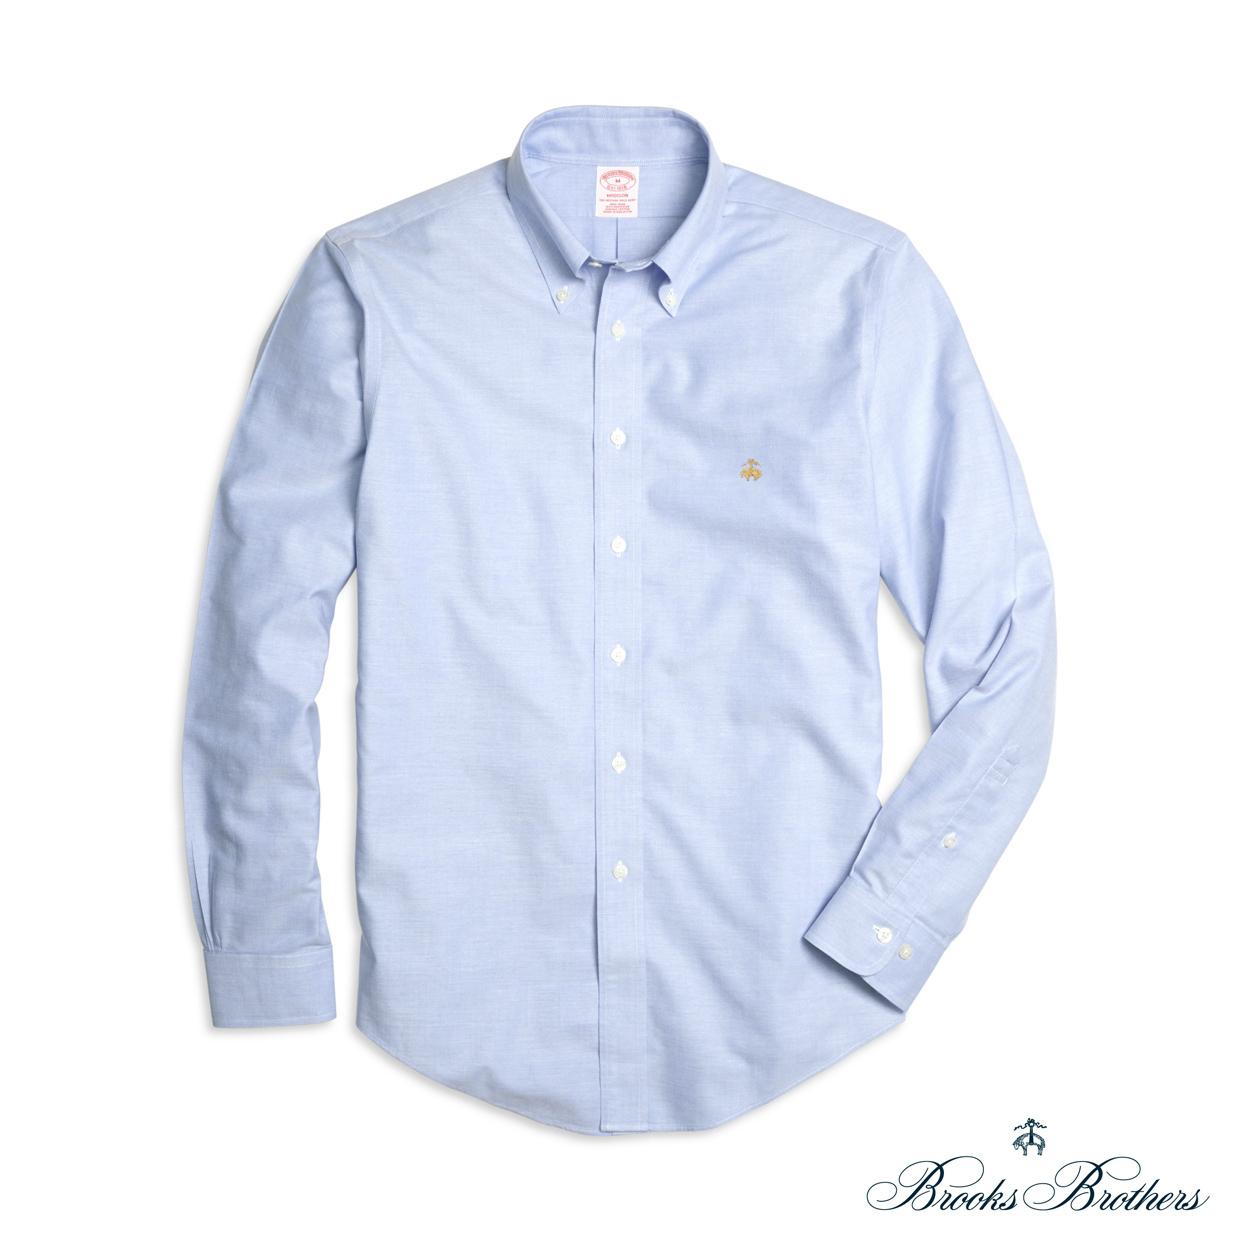 美國百分百【全新真品】Brooks Brothers 布克兄弟 牛津 襯衫 長袖 休閒 上衣 淡藍色 S M號 F772